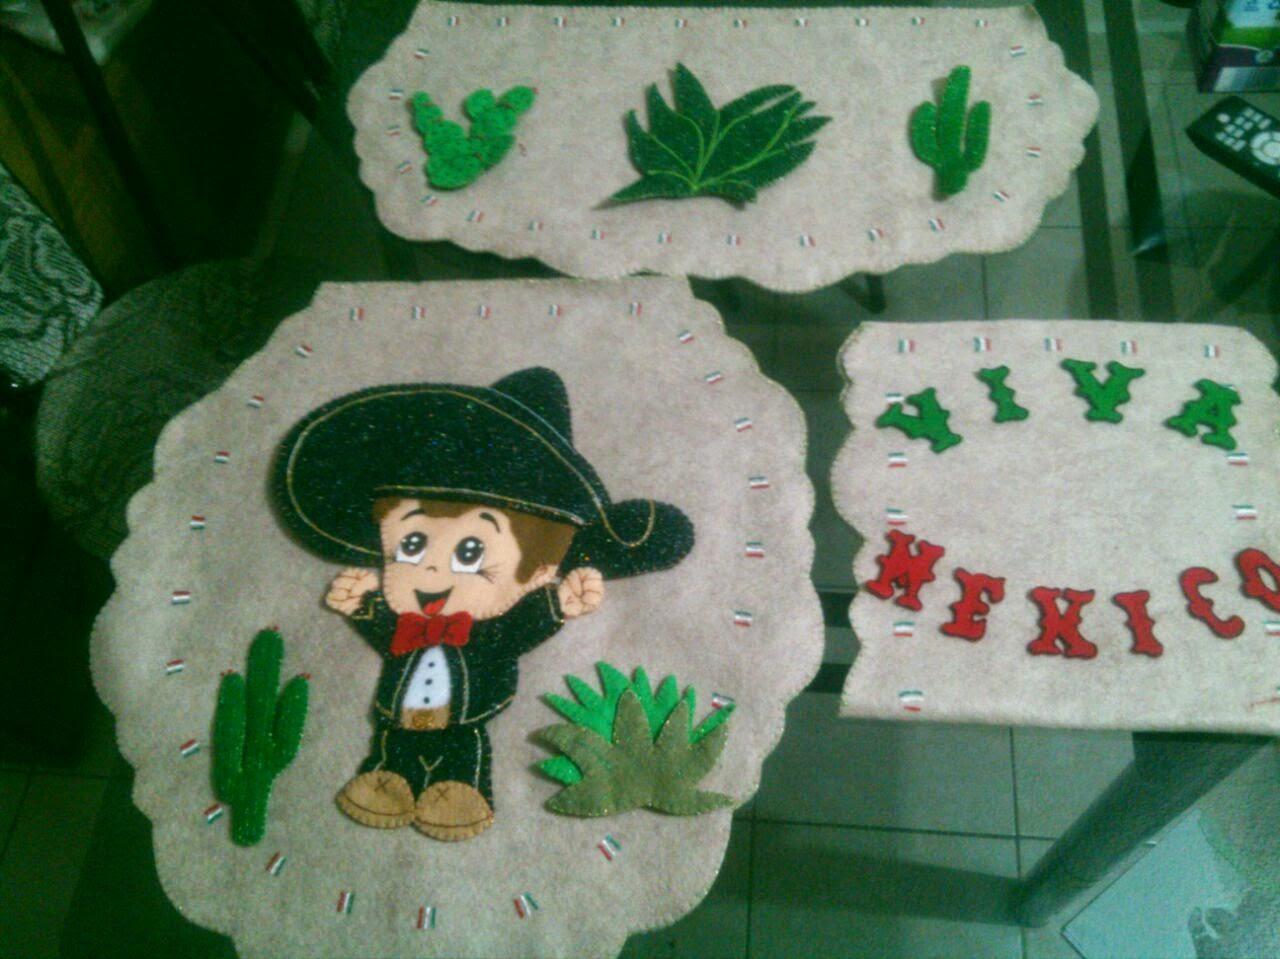 diseo encantandor para decorar en fiestas patrias